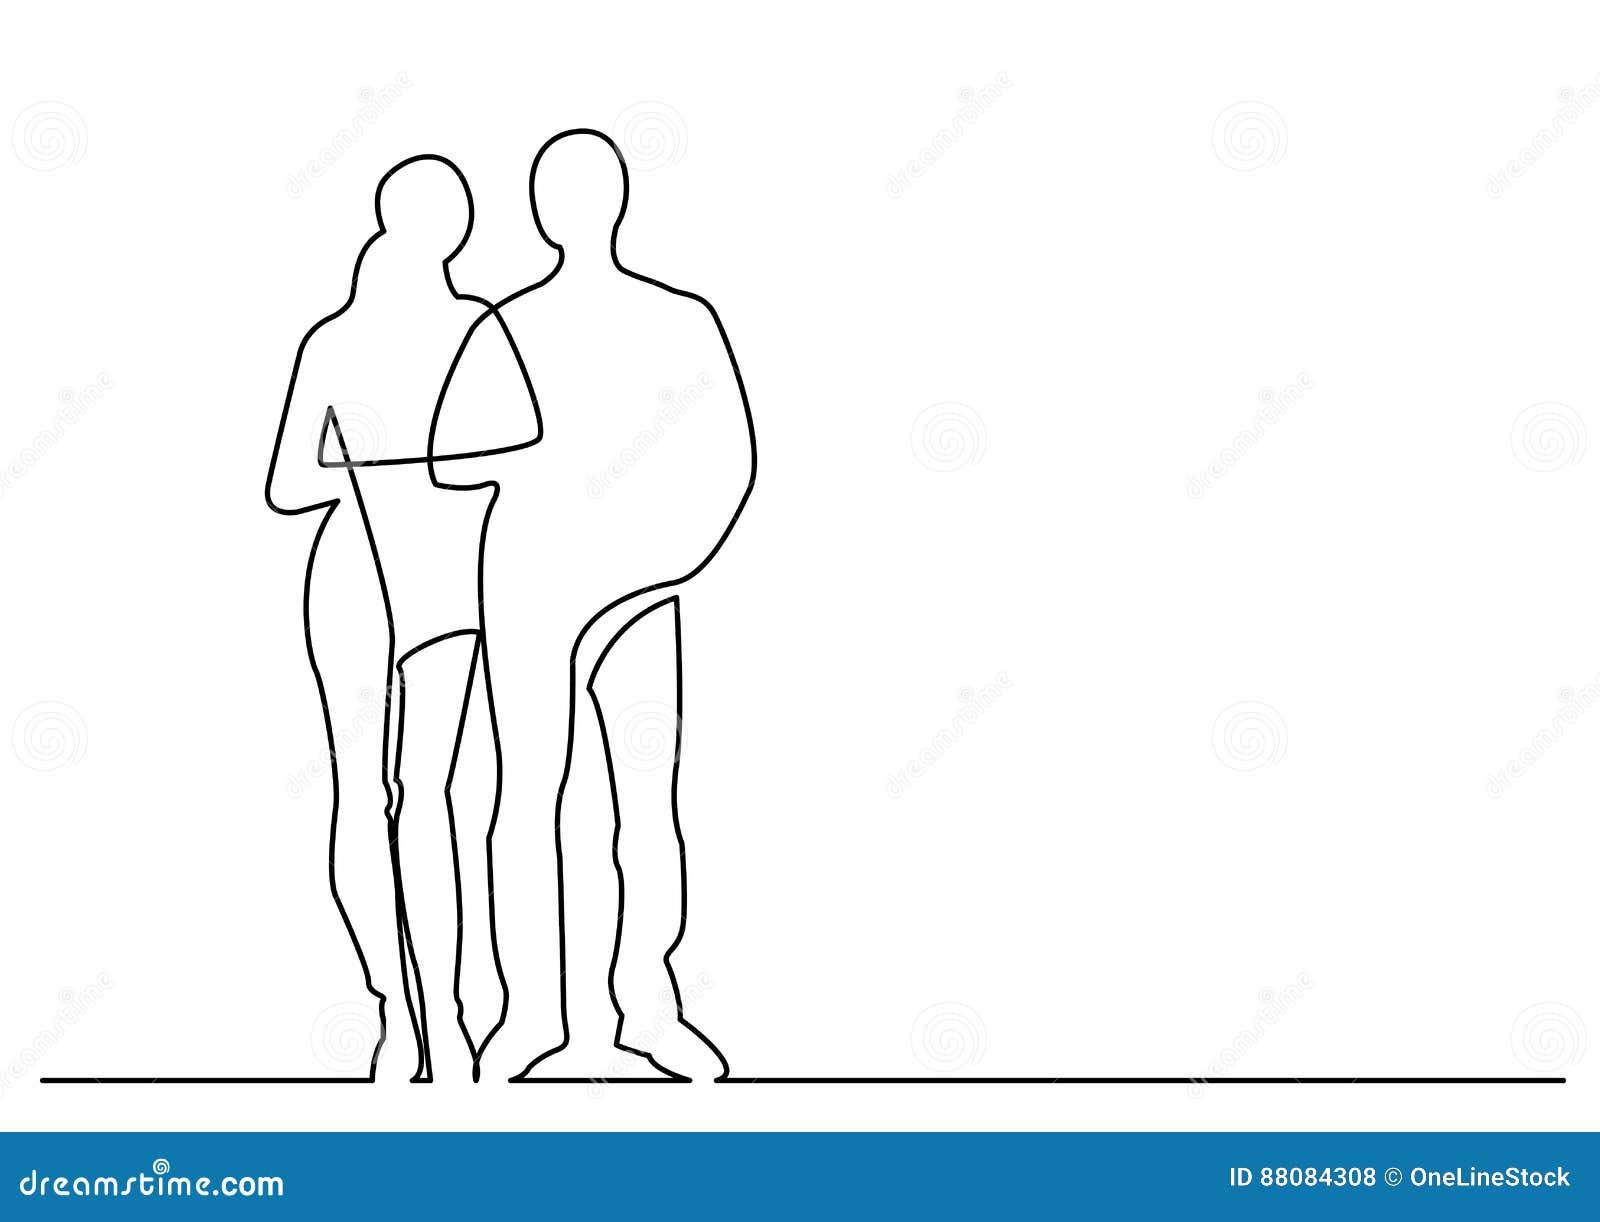 Dessin Au Trait Continu De La Jeune Position De Couples Illustration